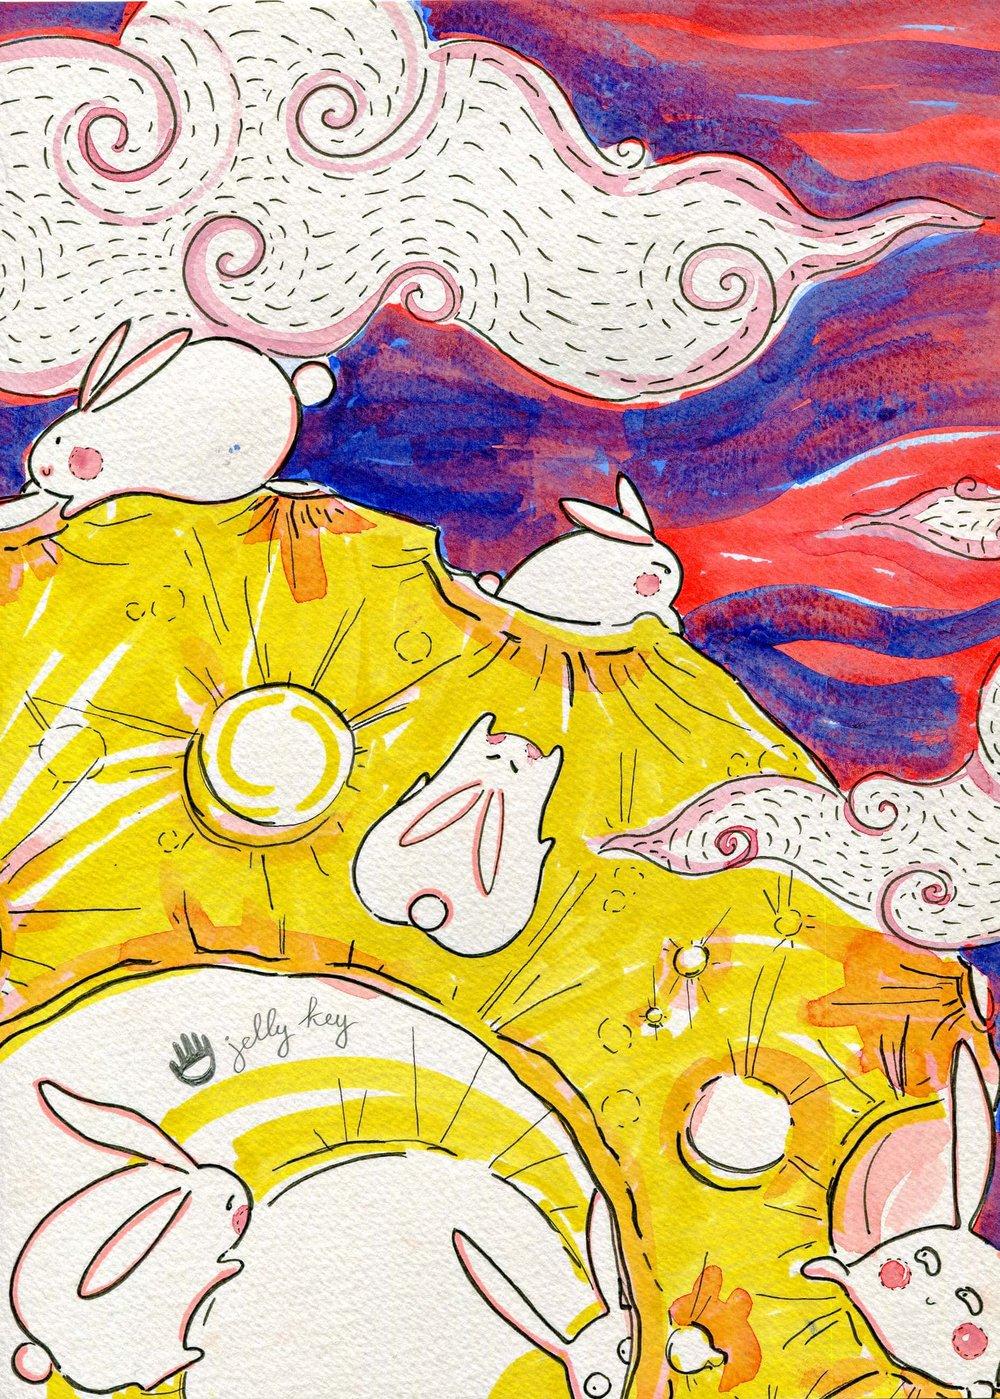 Jelly Key - Mid Autumn Festival  art 1.jpg